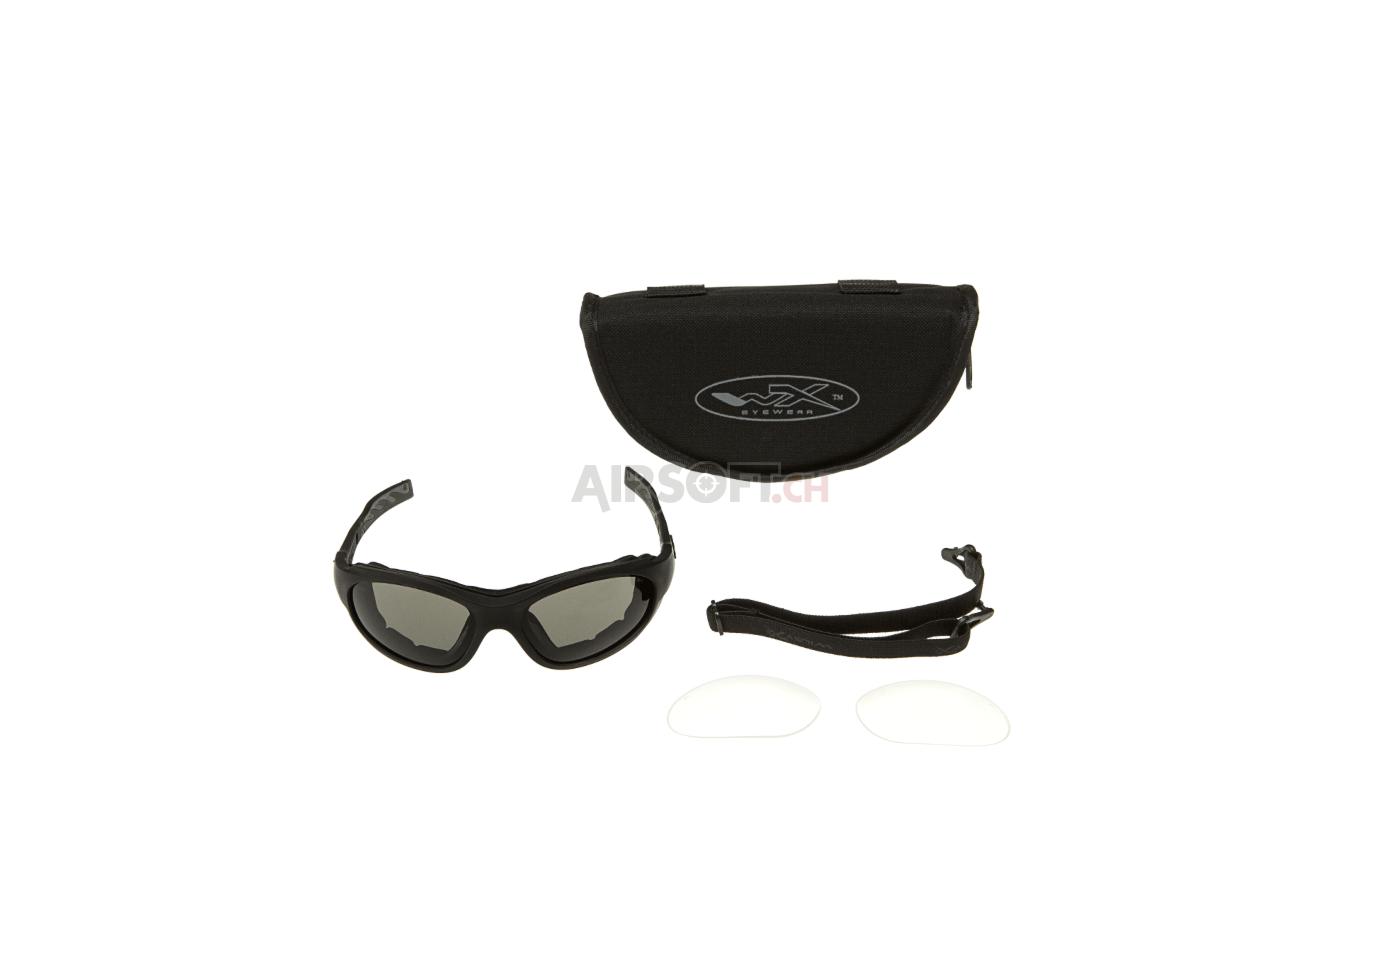 bd3487dd2 XL-1 Advanced Goggles Black (Wiley X) - Goggles - Schutzbrillen -  Schutzausrüstung - airsoft.ch Onlineshop